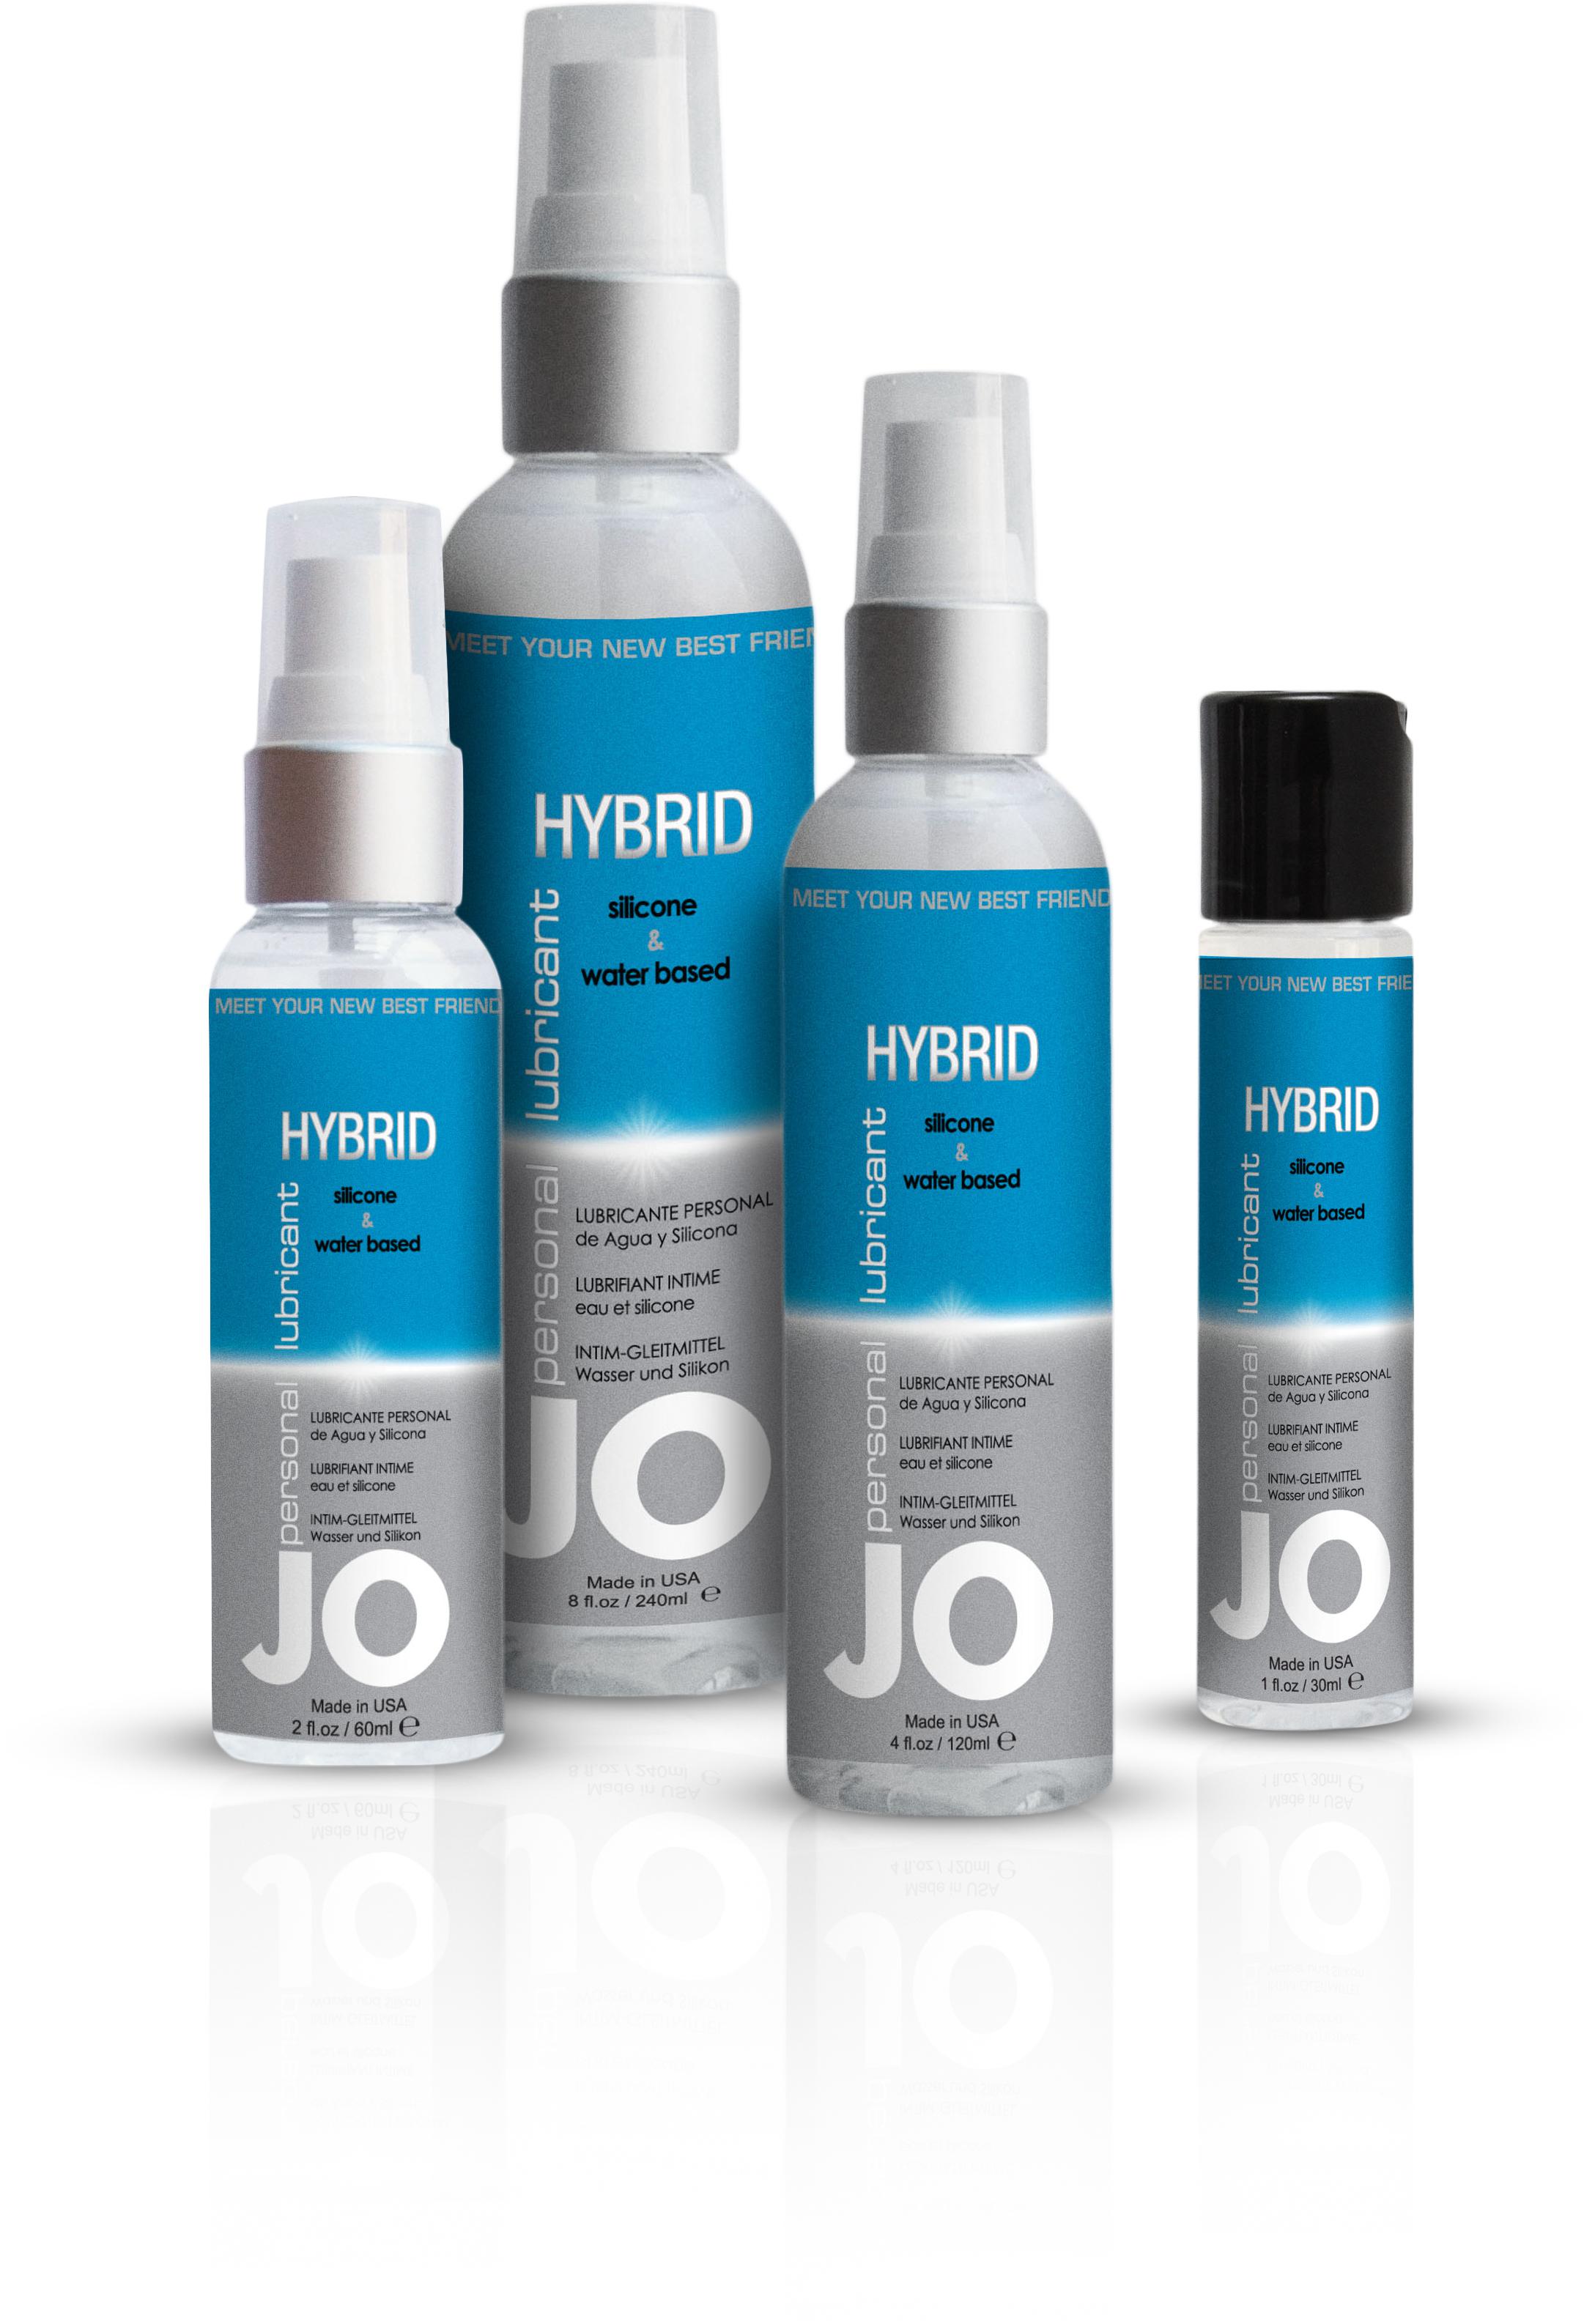 JO_hybrid_lube_cluster.jpg